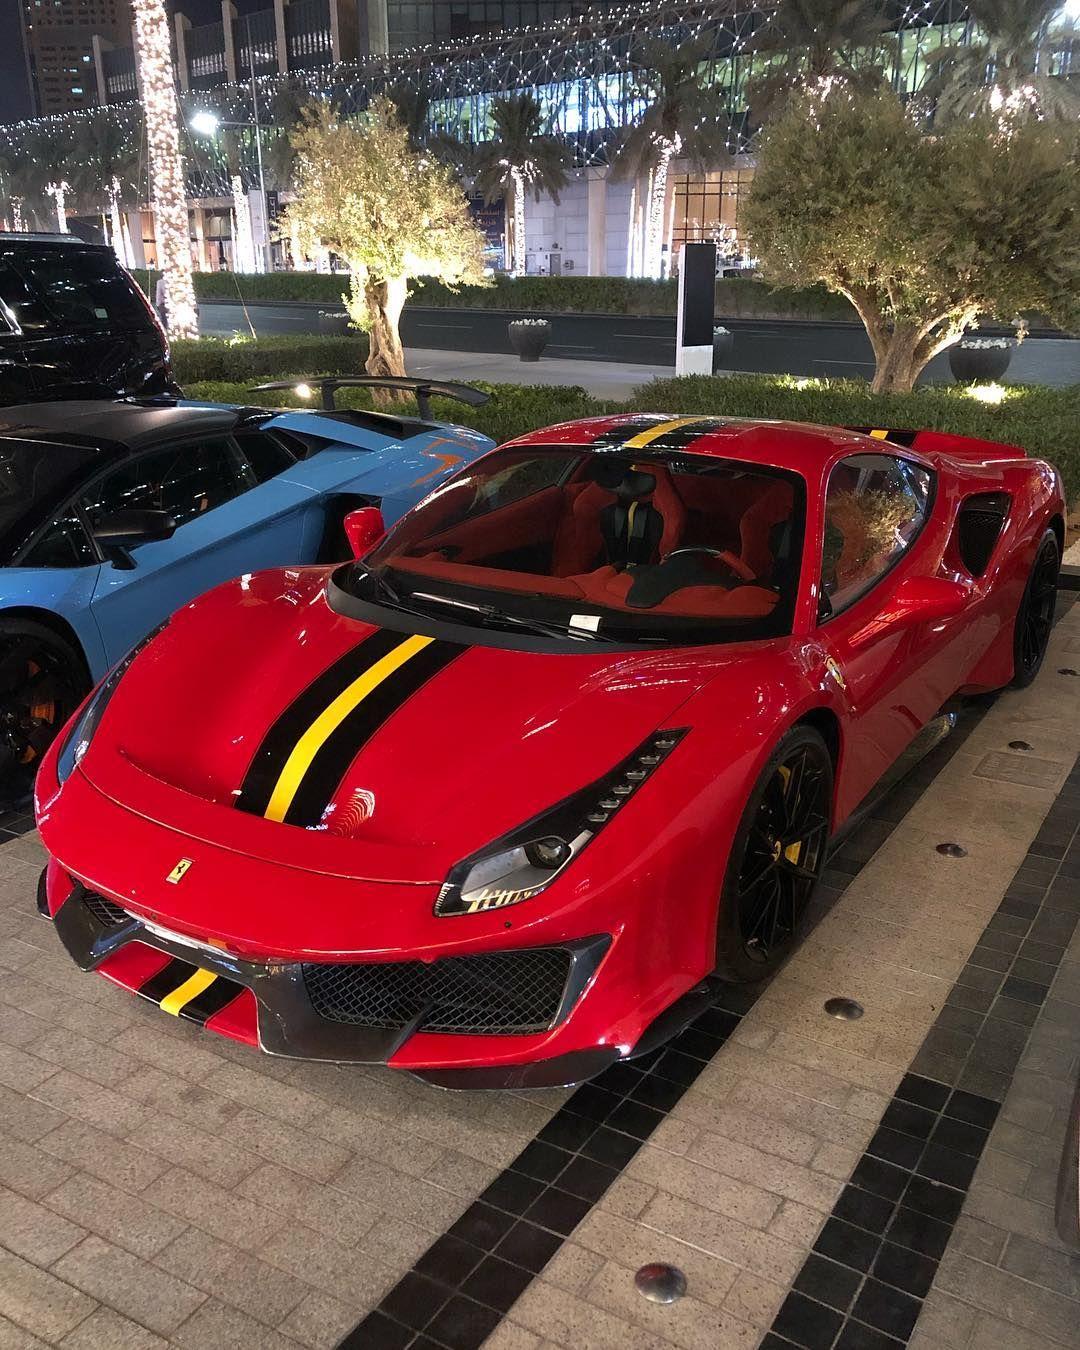 4 Moy Aresei 2 Sxolia Ferrari Club Rari Photo Sto